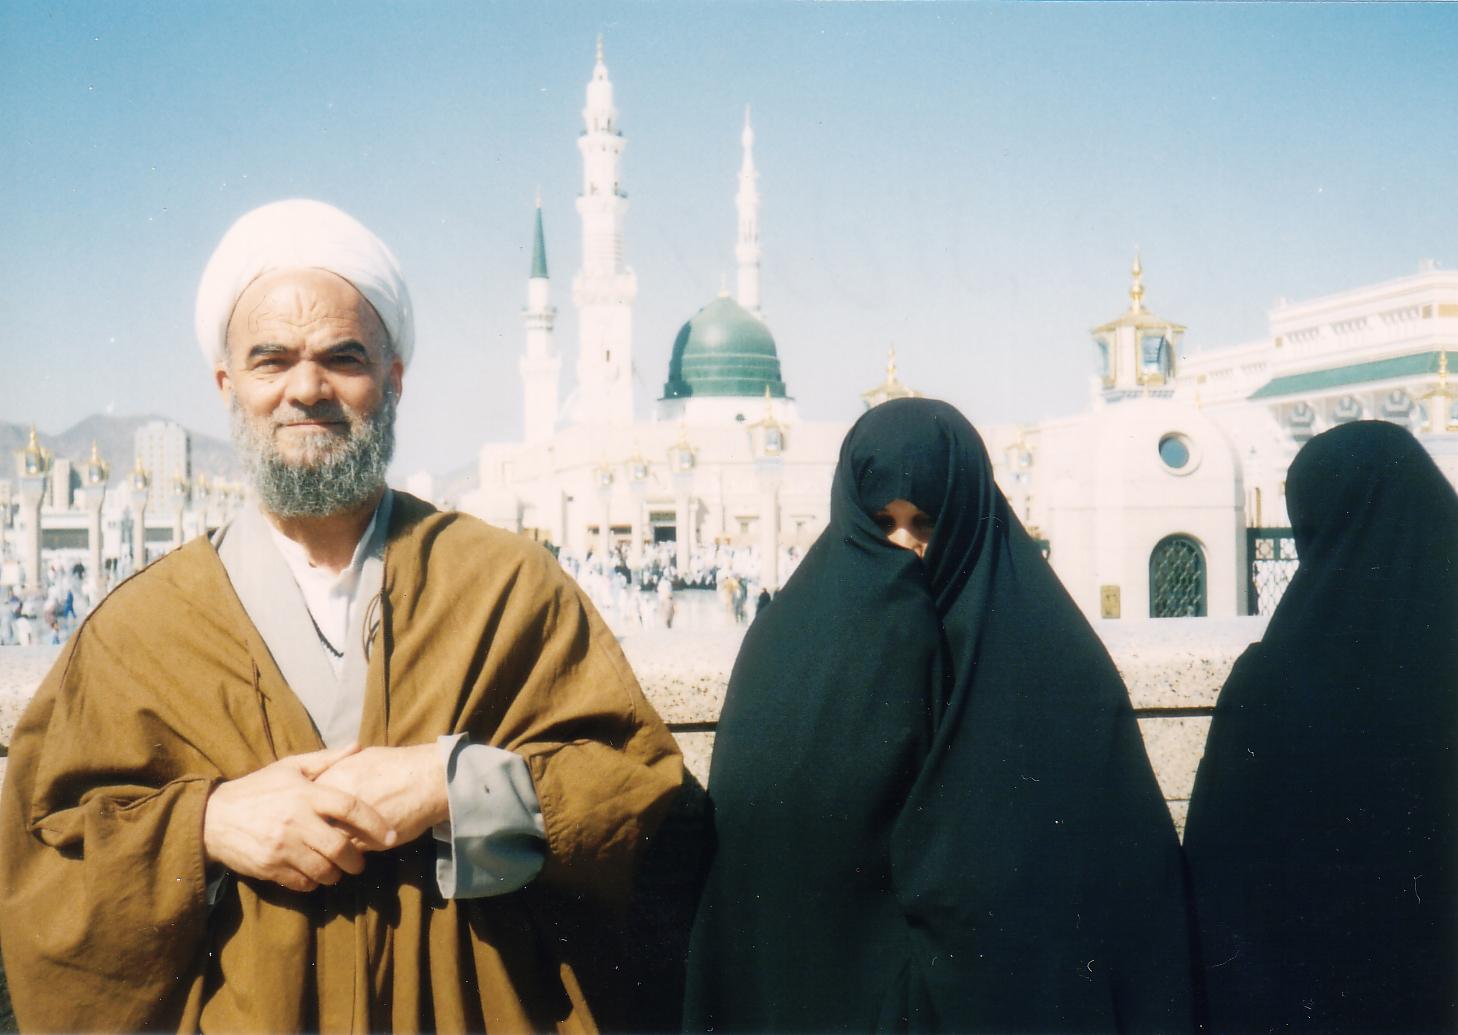 تصاویر حضرت استاد بِنیسی در سال 1378 در سفر حج